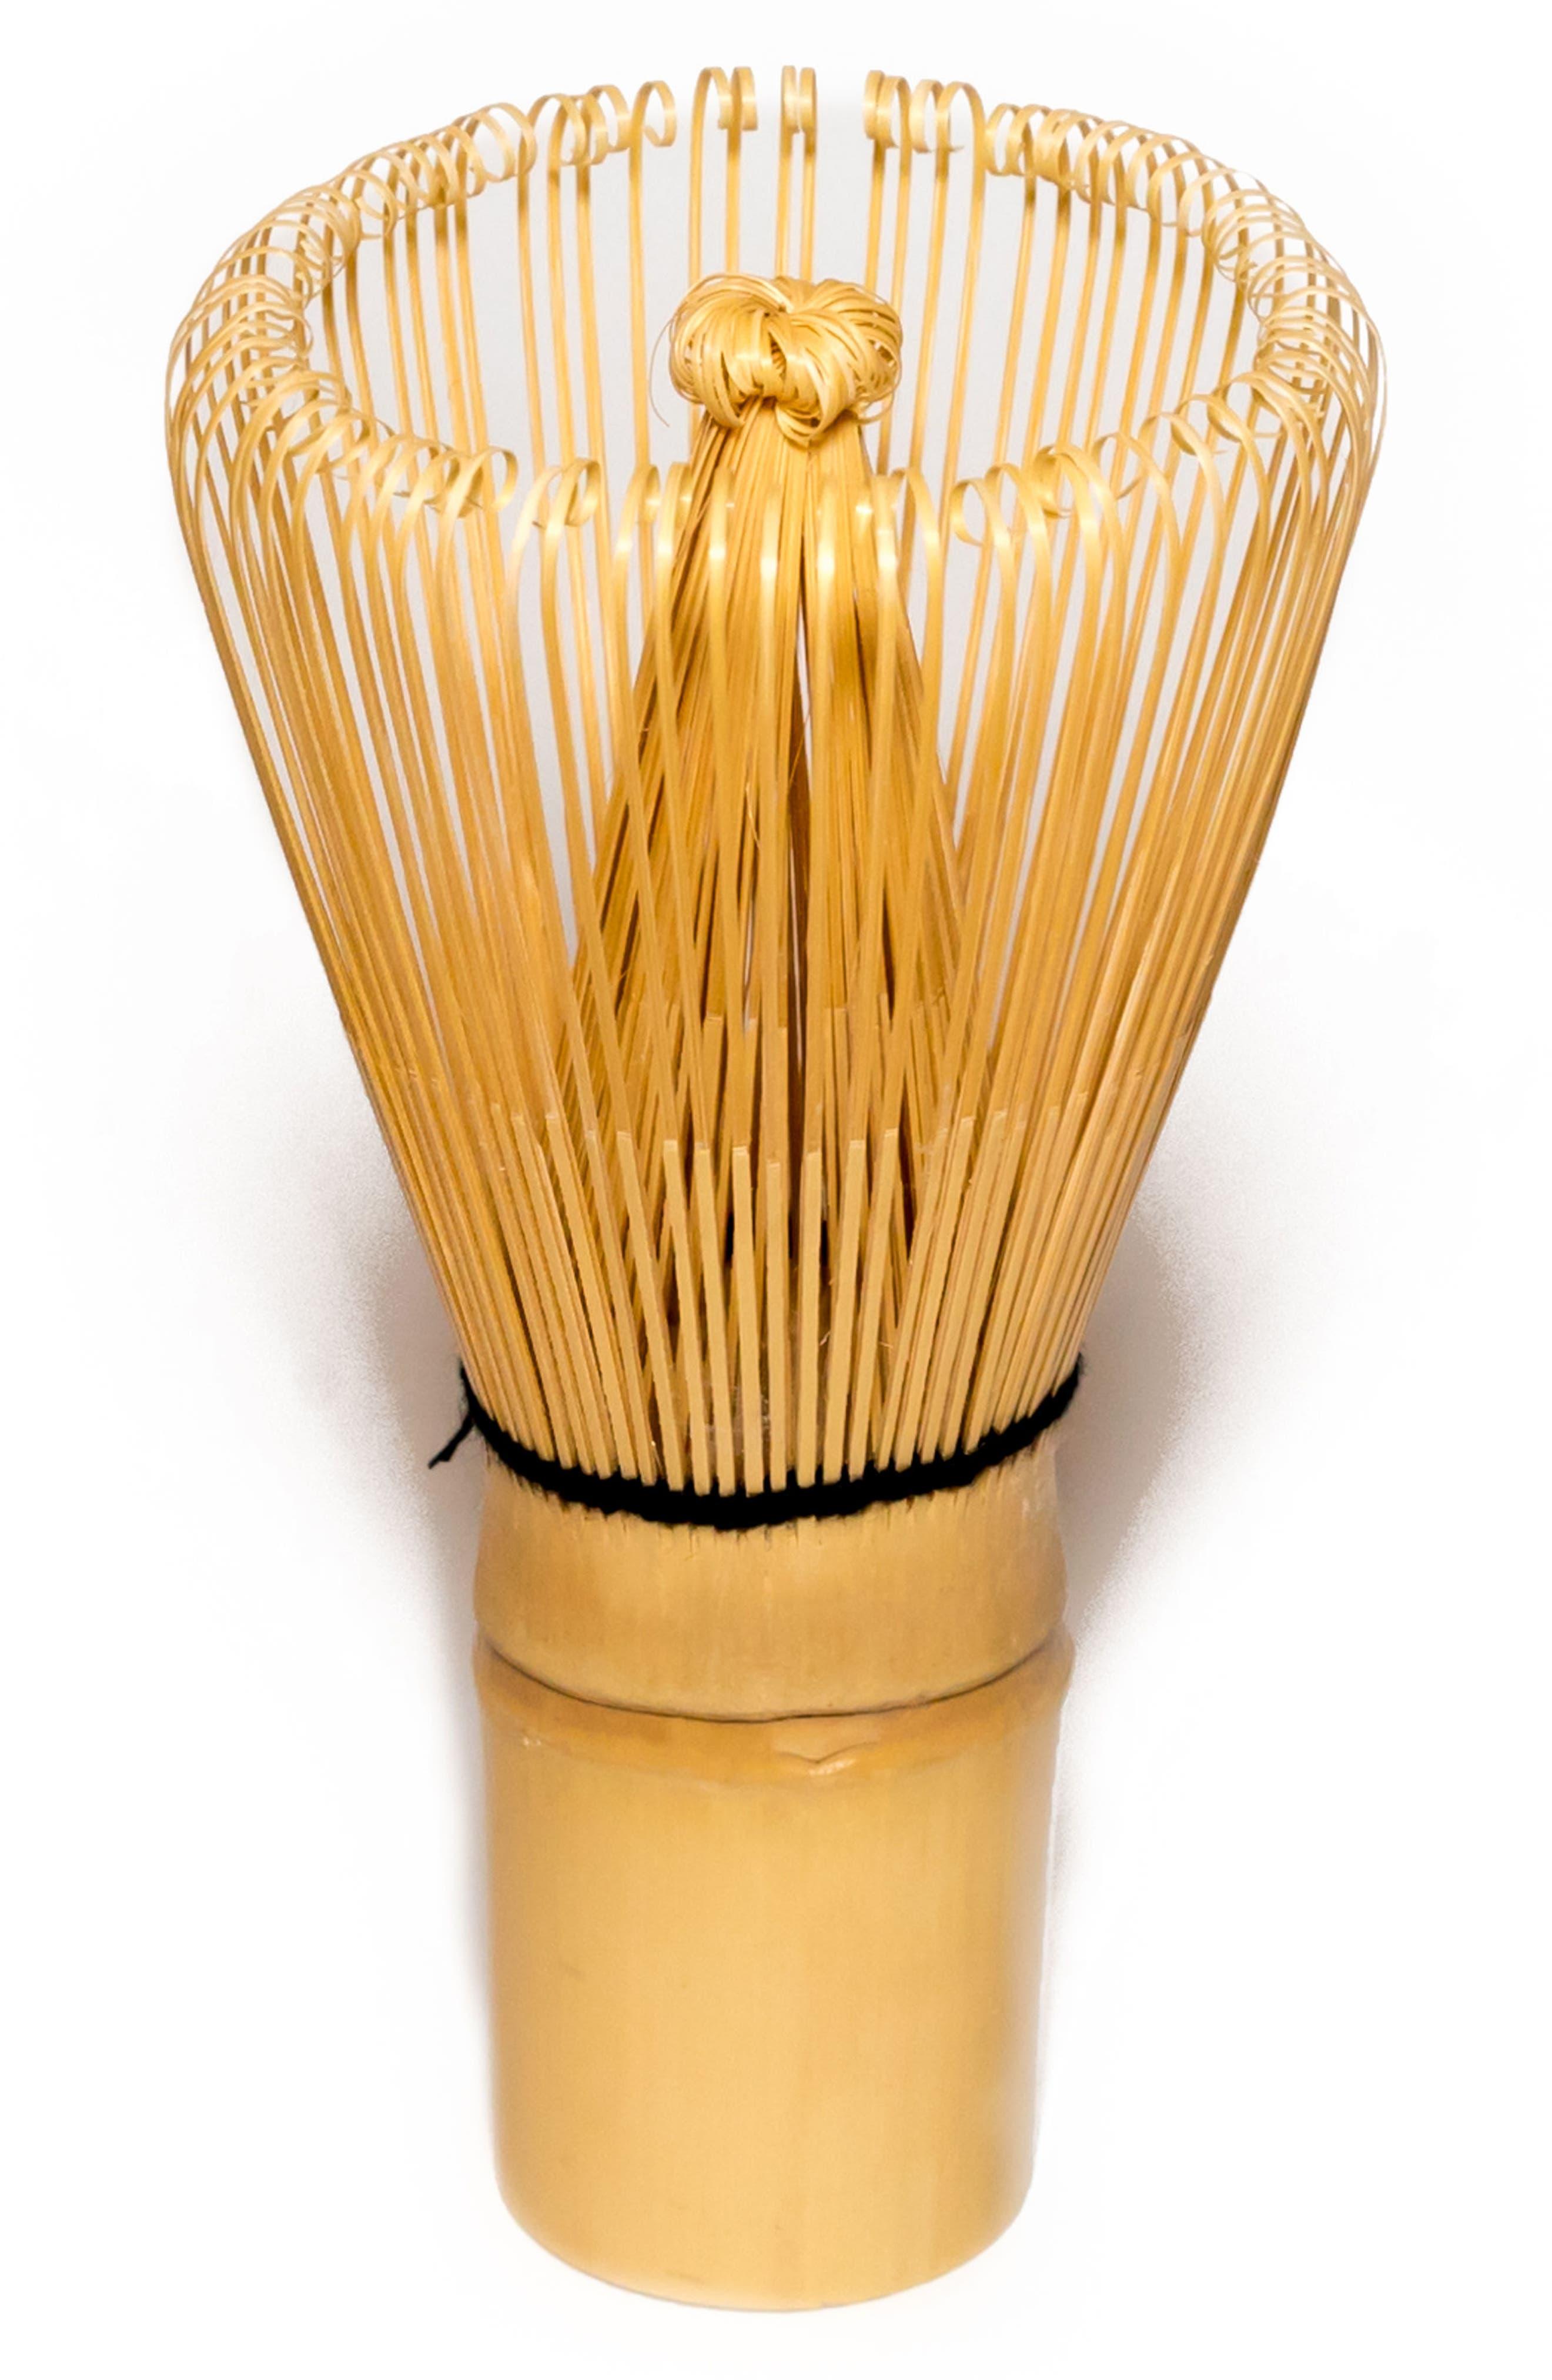 Main Image - Chalait 100 Prong Bamboo Matcha Whisk